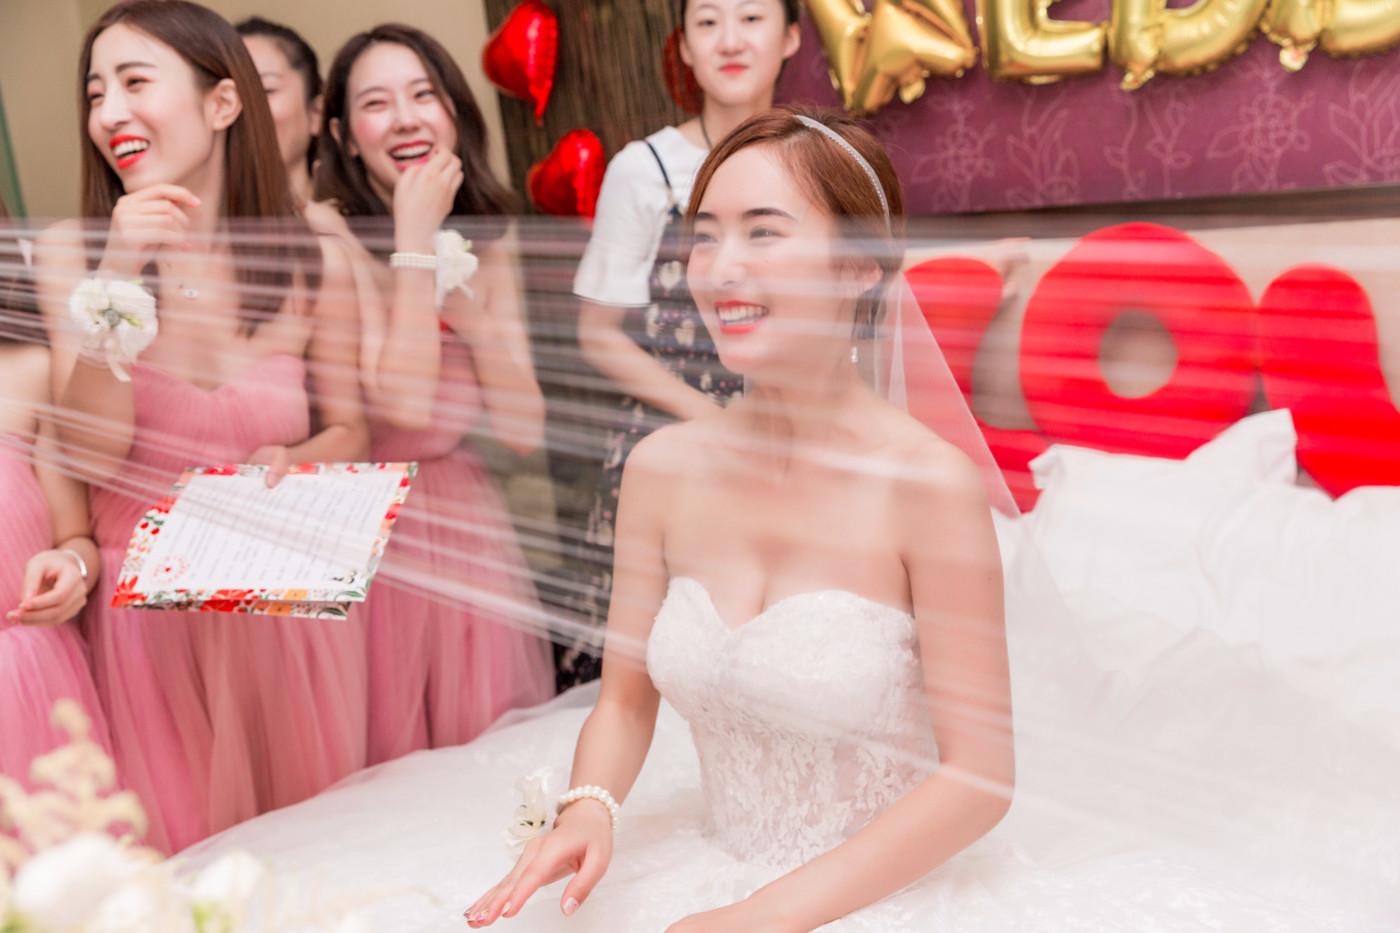 大美女的婚礼12